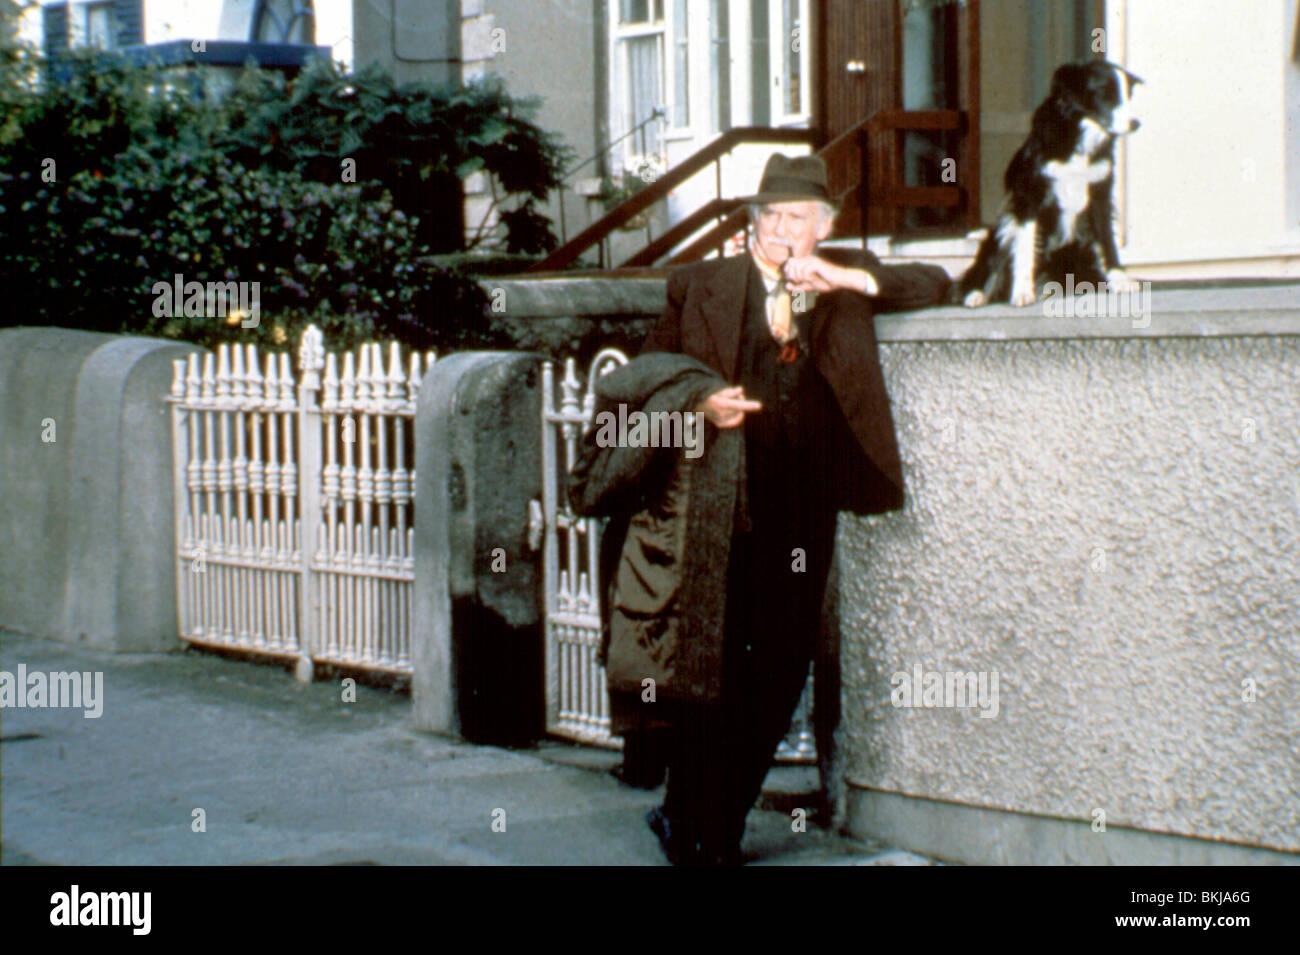 DA -1988 BARNARD HUGHES - Stock Image